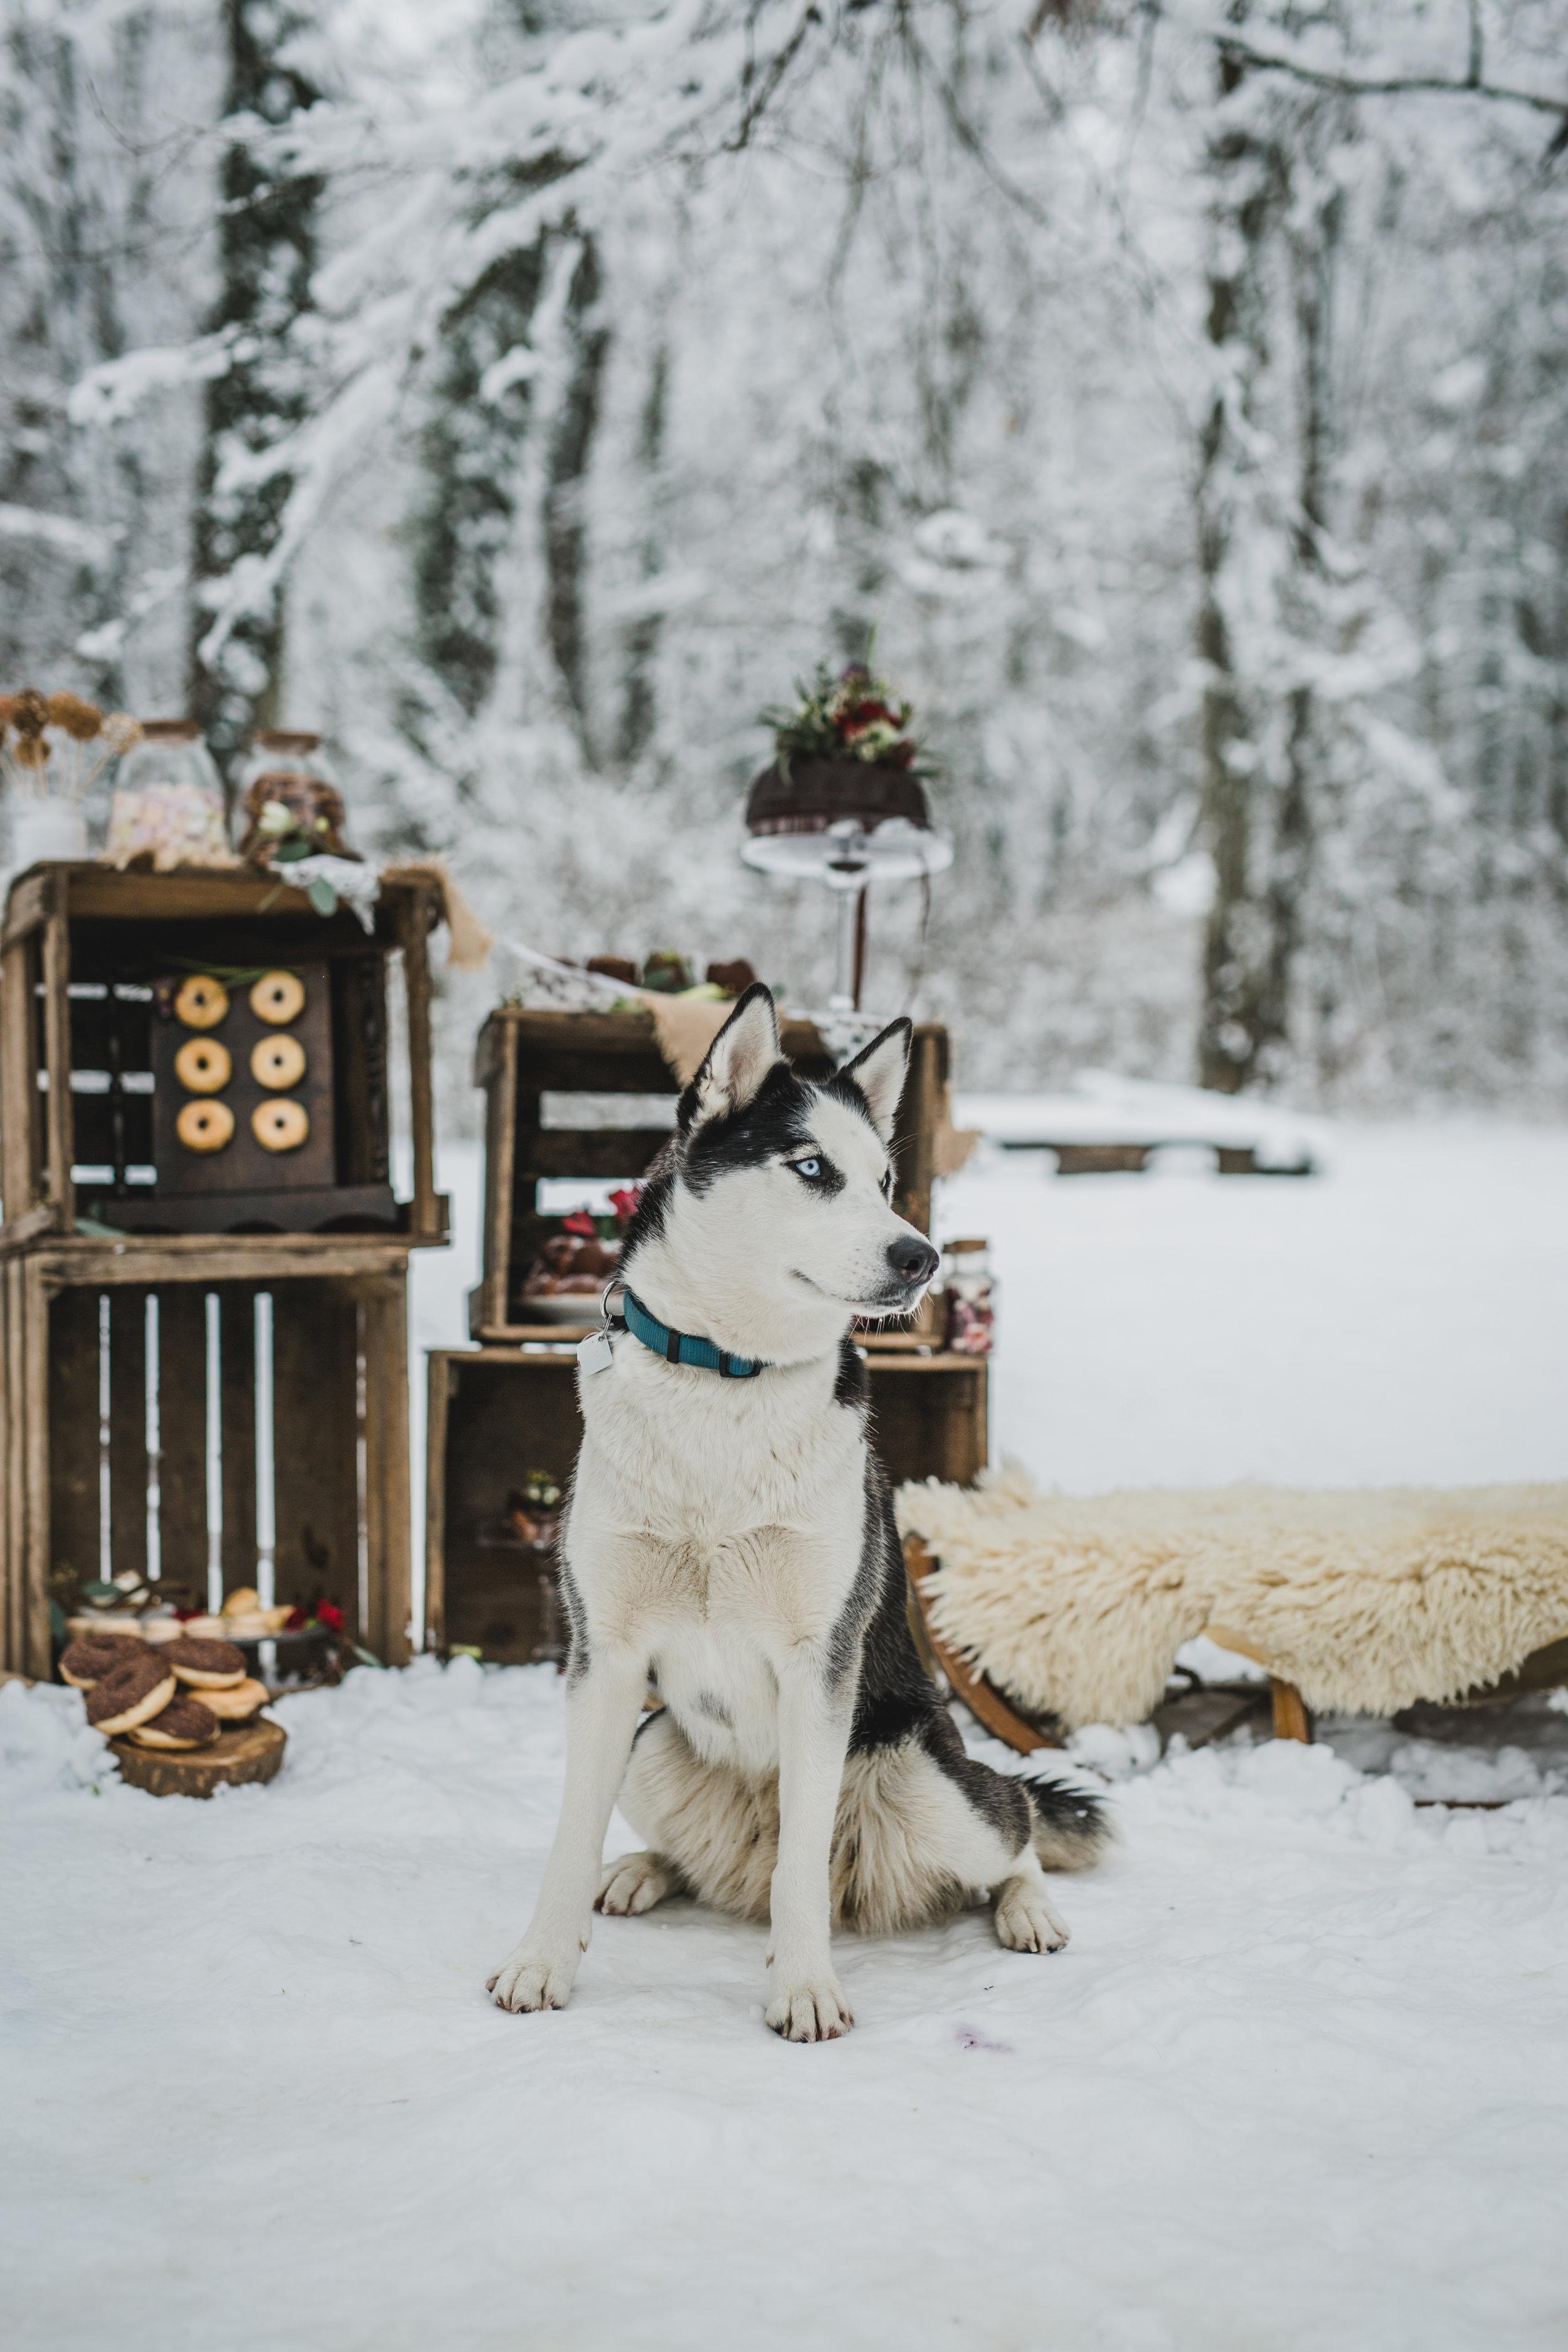 yessica-baur-fotografie-styleshooting-huskies-8155.JPG